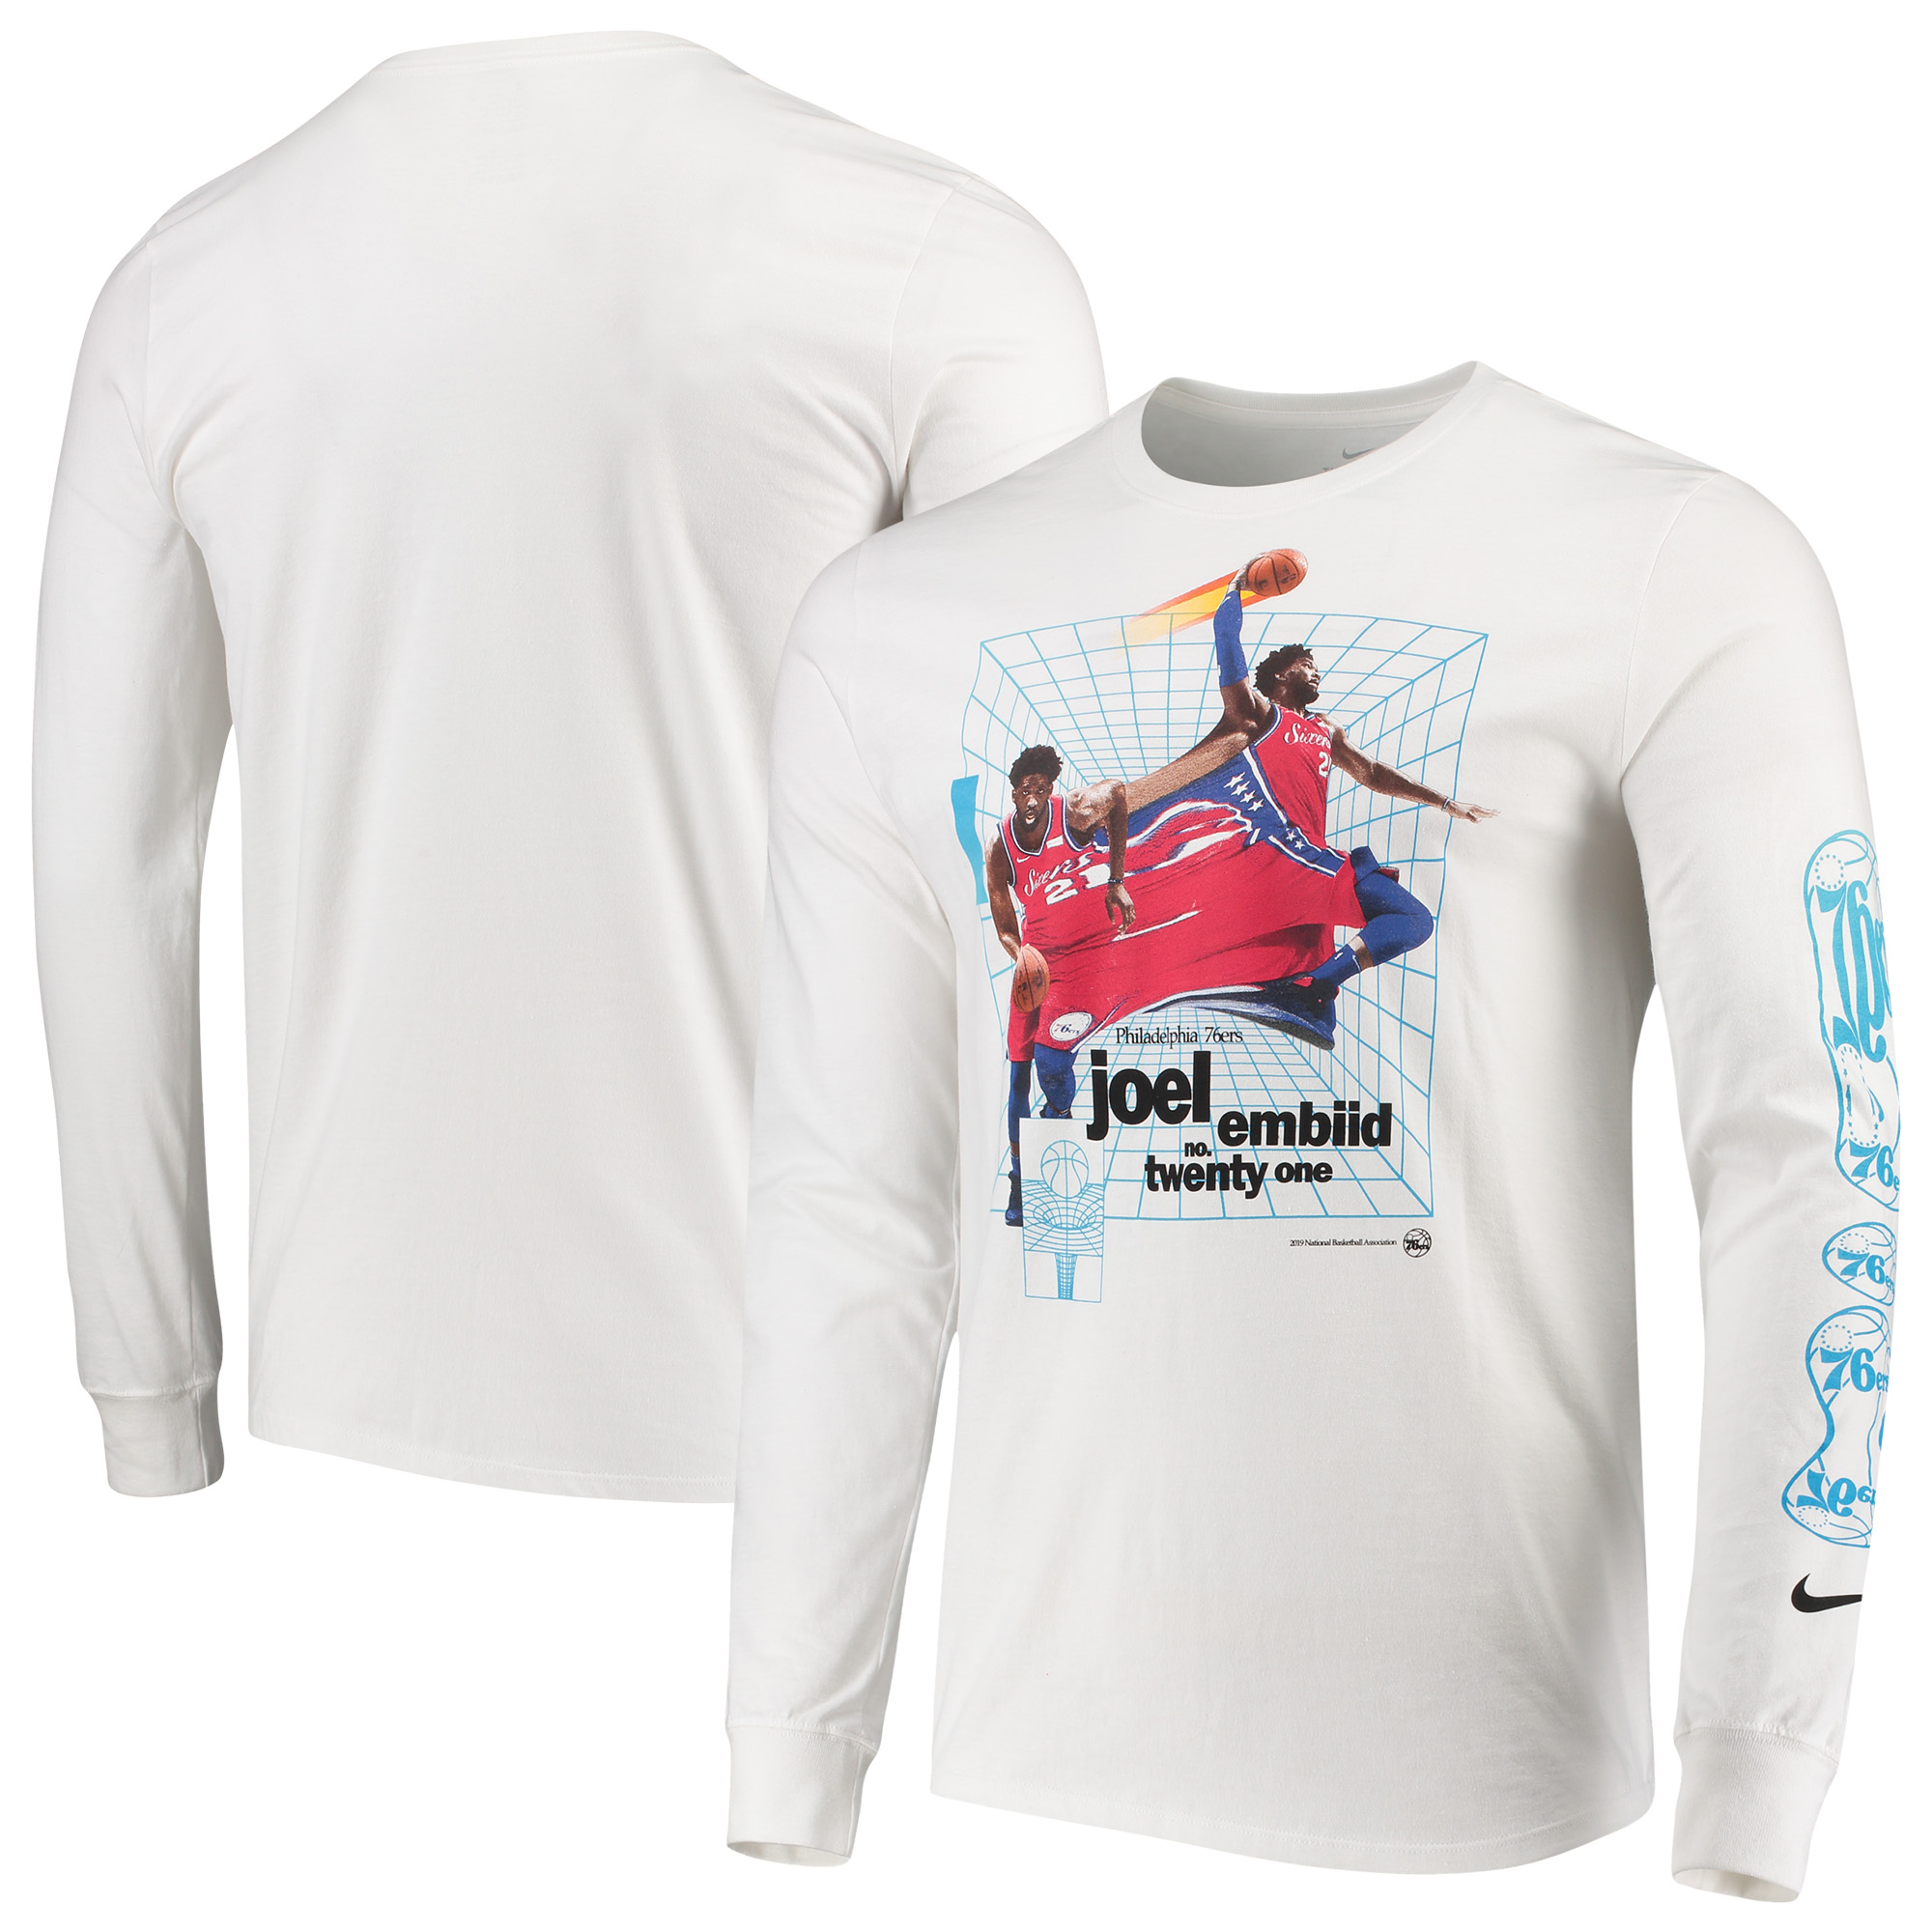 Nike Tcu Horned Frogs Women's Graphic T-shirt